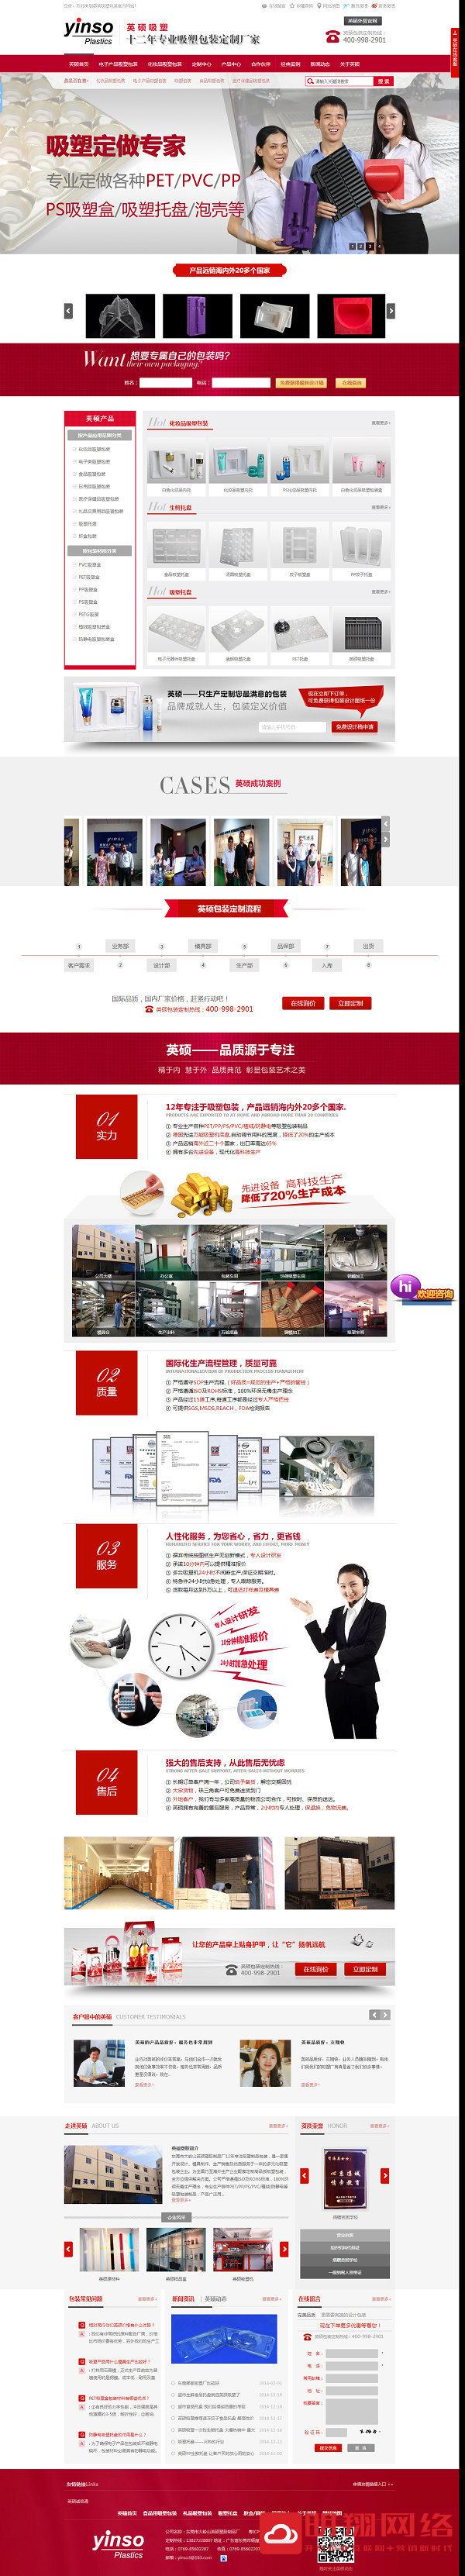 营销型网站案例展示:东莞英硕塑胶营销型网站案例展示